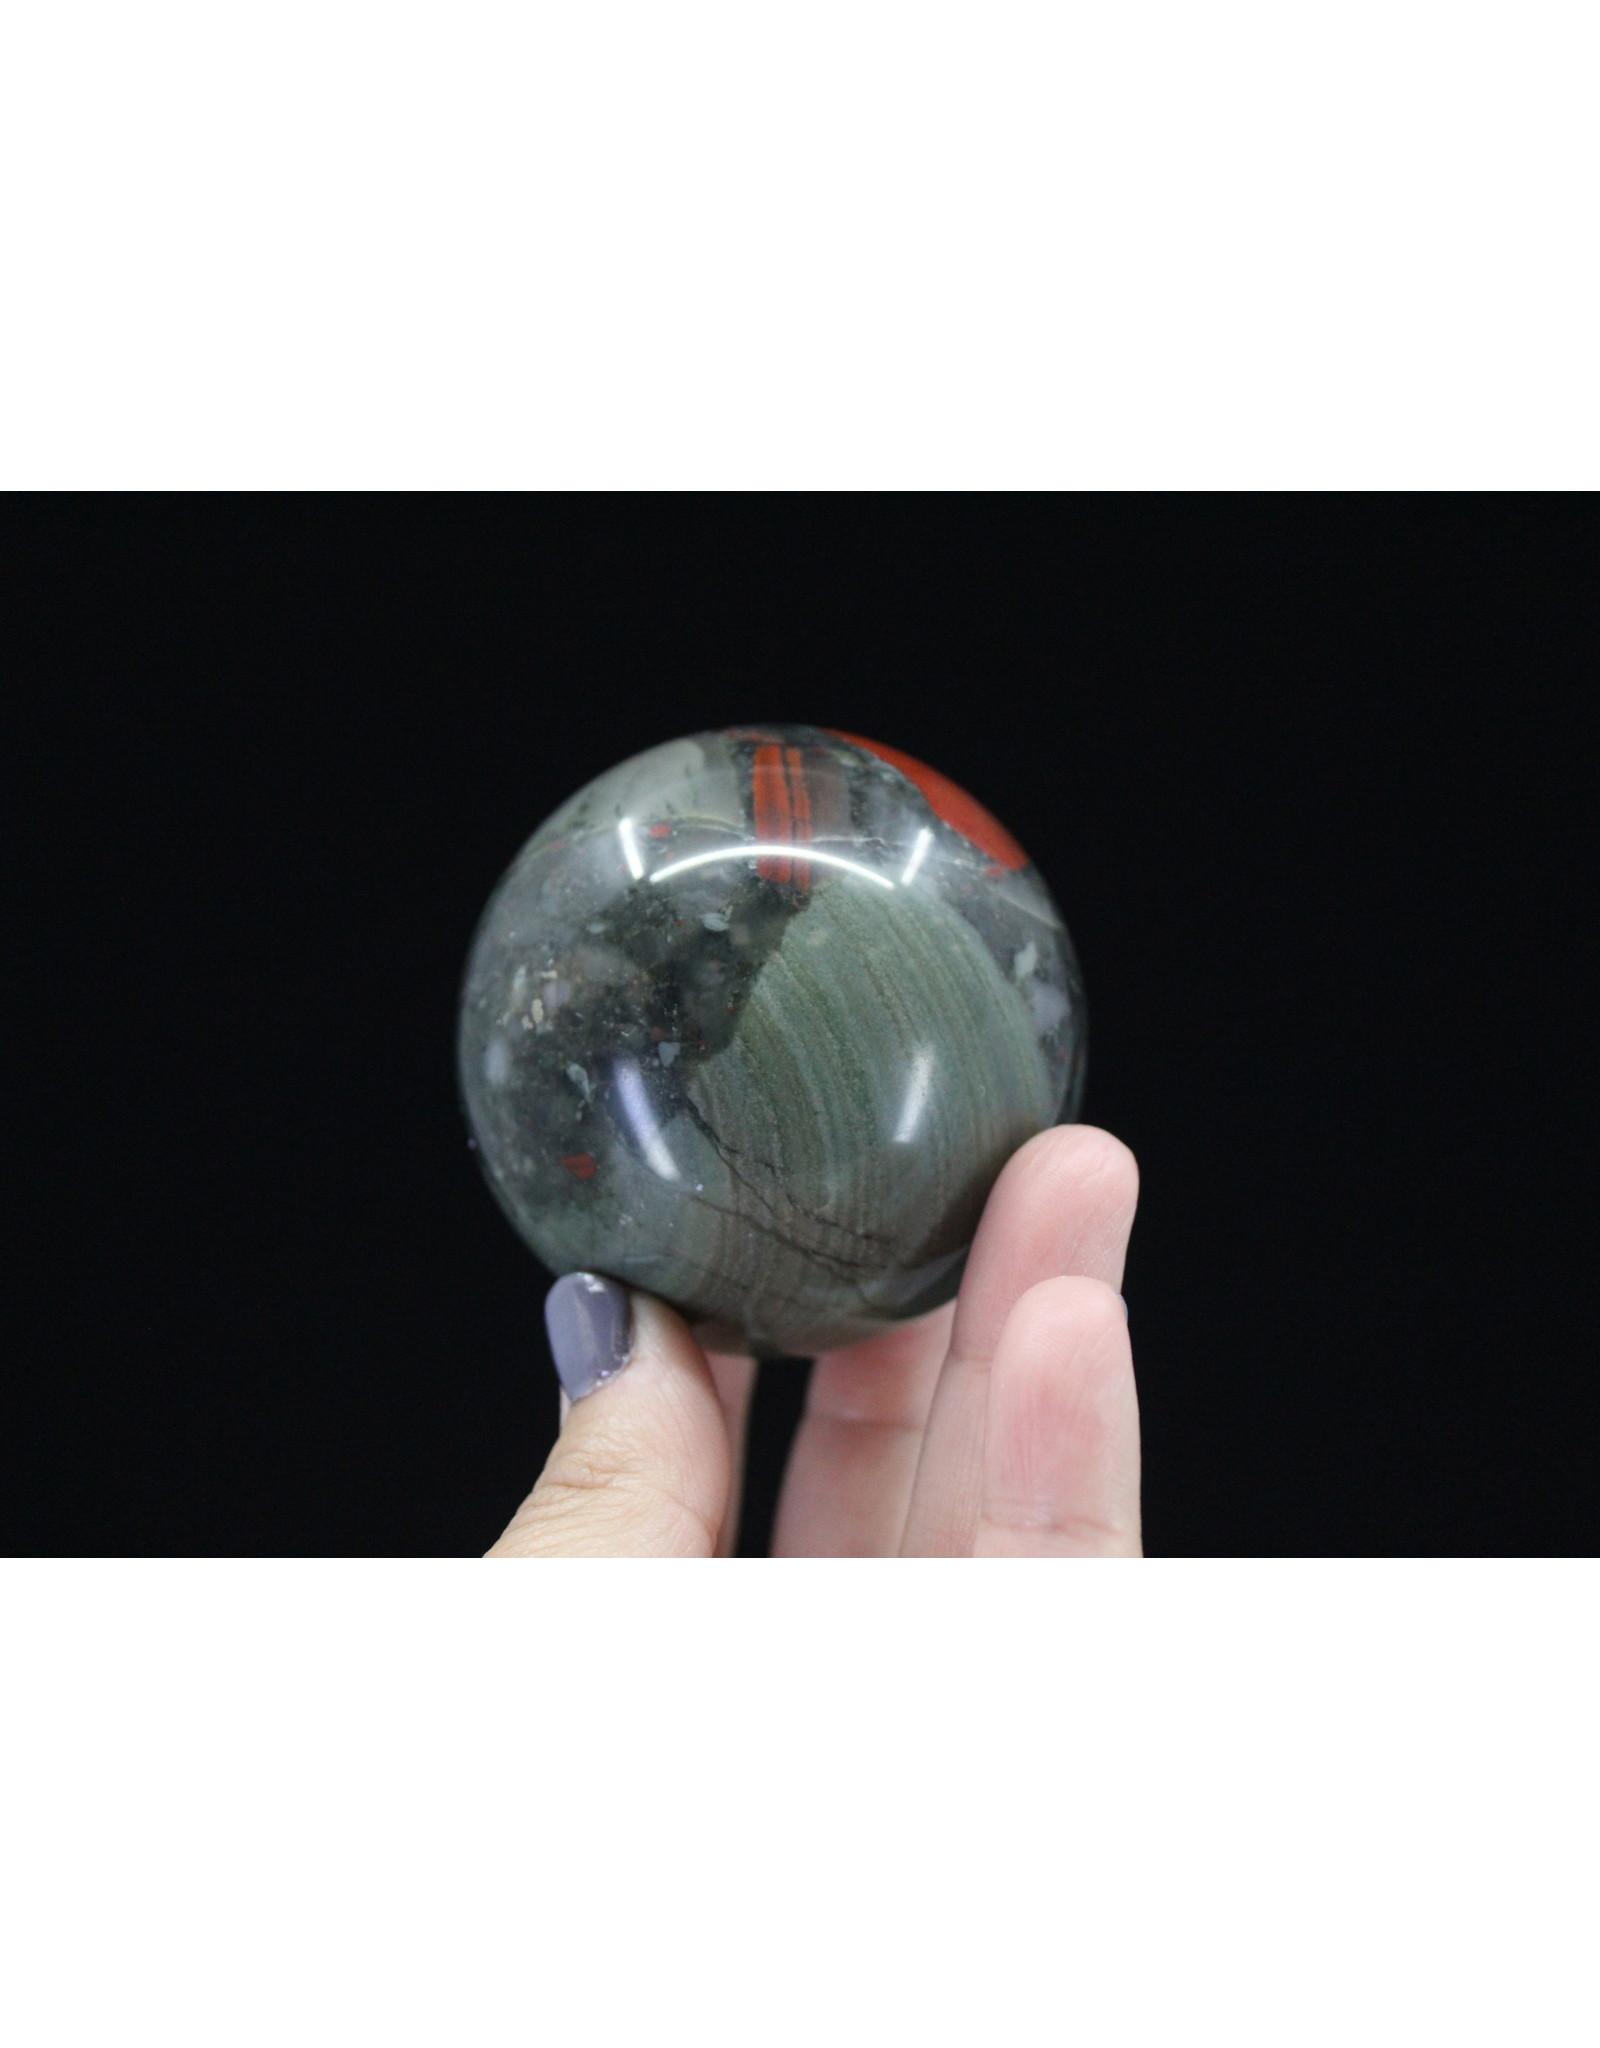 Bloodstone/Heliotrope Sphere Orb - 60mm